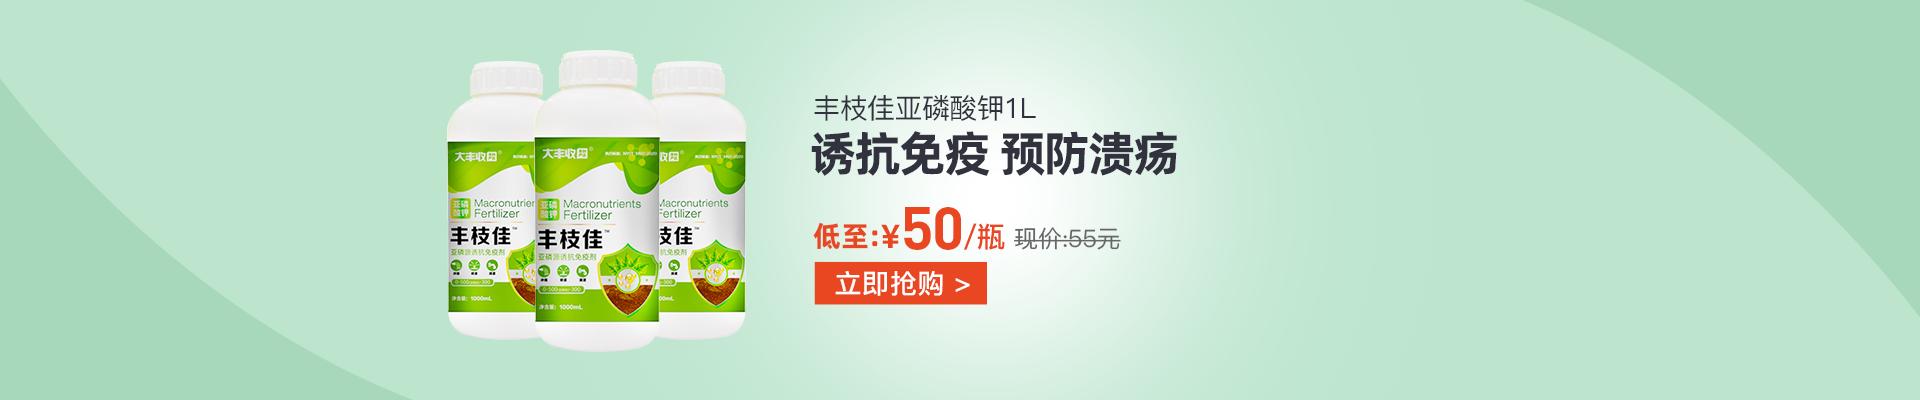 【1月】众筹-丰枝佳 亚磷酸钾 水剂 1L5瓶其